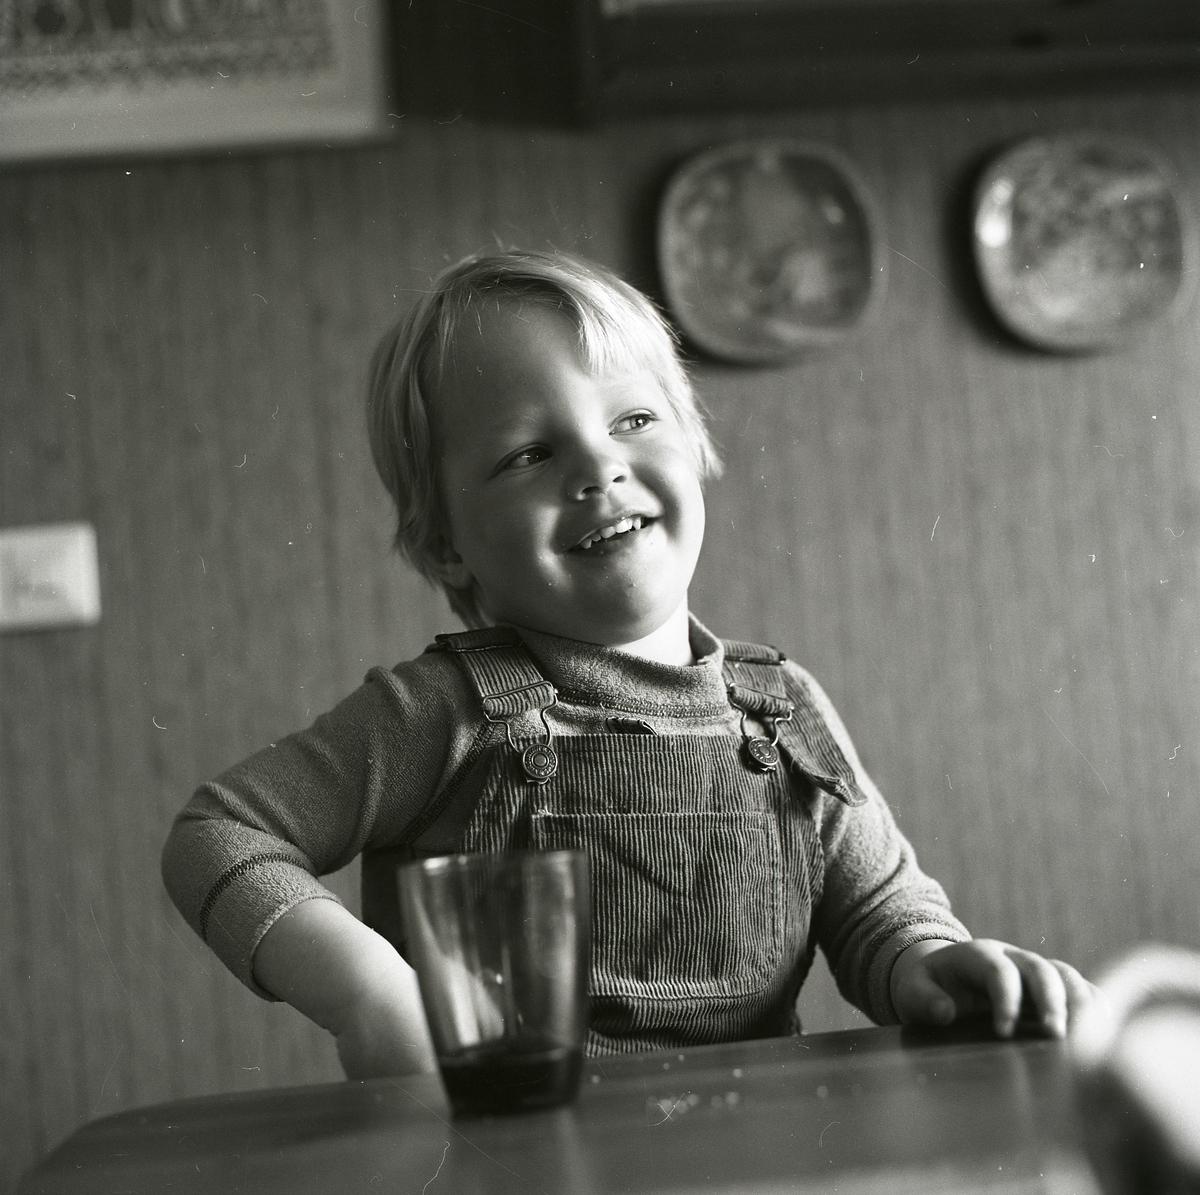 En pojke klädd i hängselbyxor sitter vid ett bord och ler. Han har ljust hår som faller ned och skuggar pannan. Han observerar något utanför bilden och hans min är glad och busig. Med sin ena arm verkar pojken vara på väg att sträcka sig efter vattenglaset på bordet framför honom.